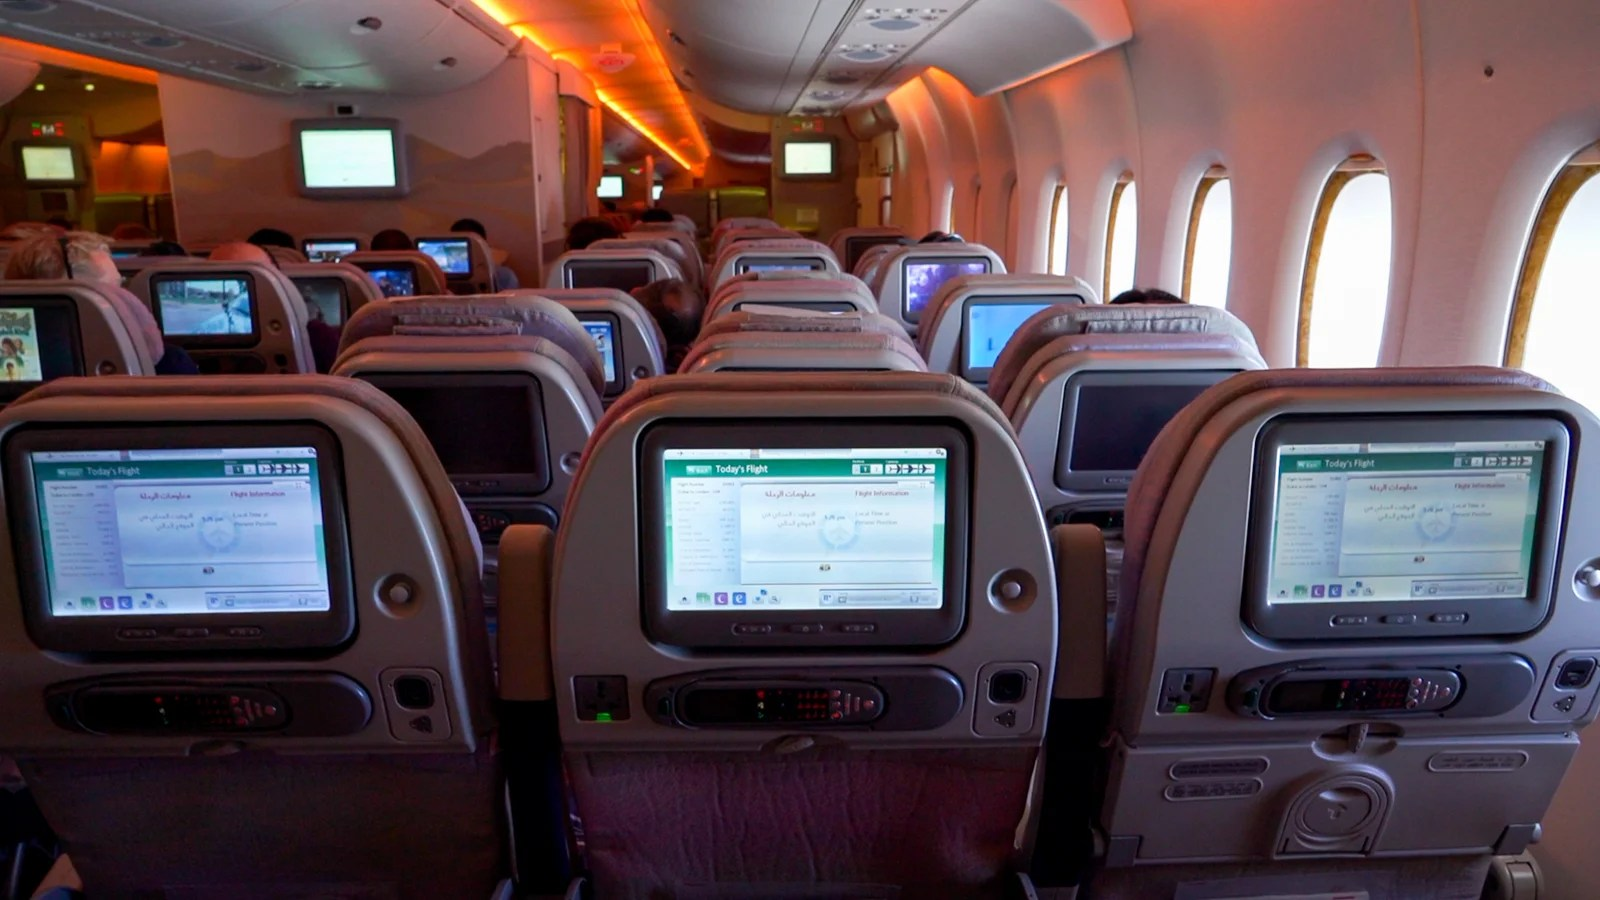 Deal Alert: US to Milan on Emirates $469 R/T